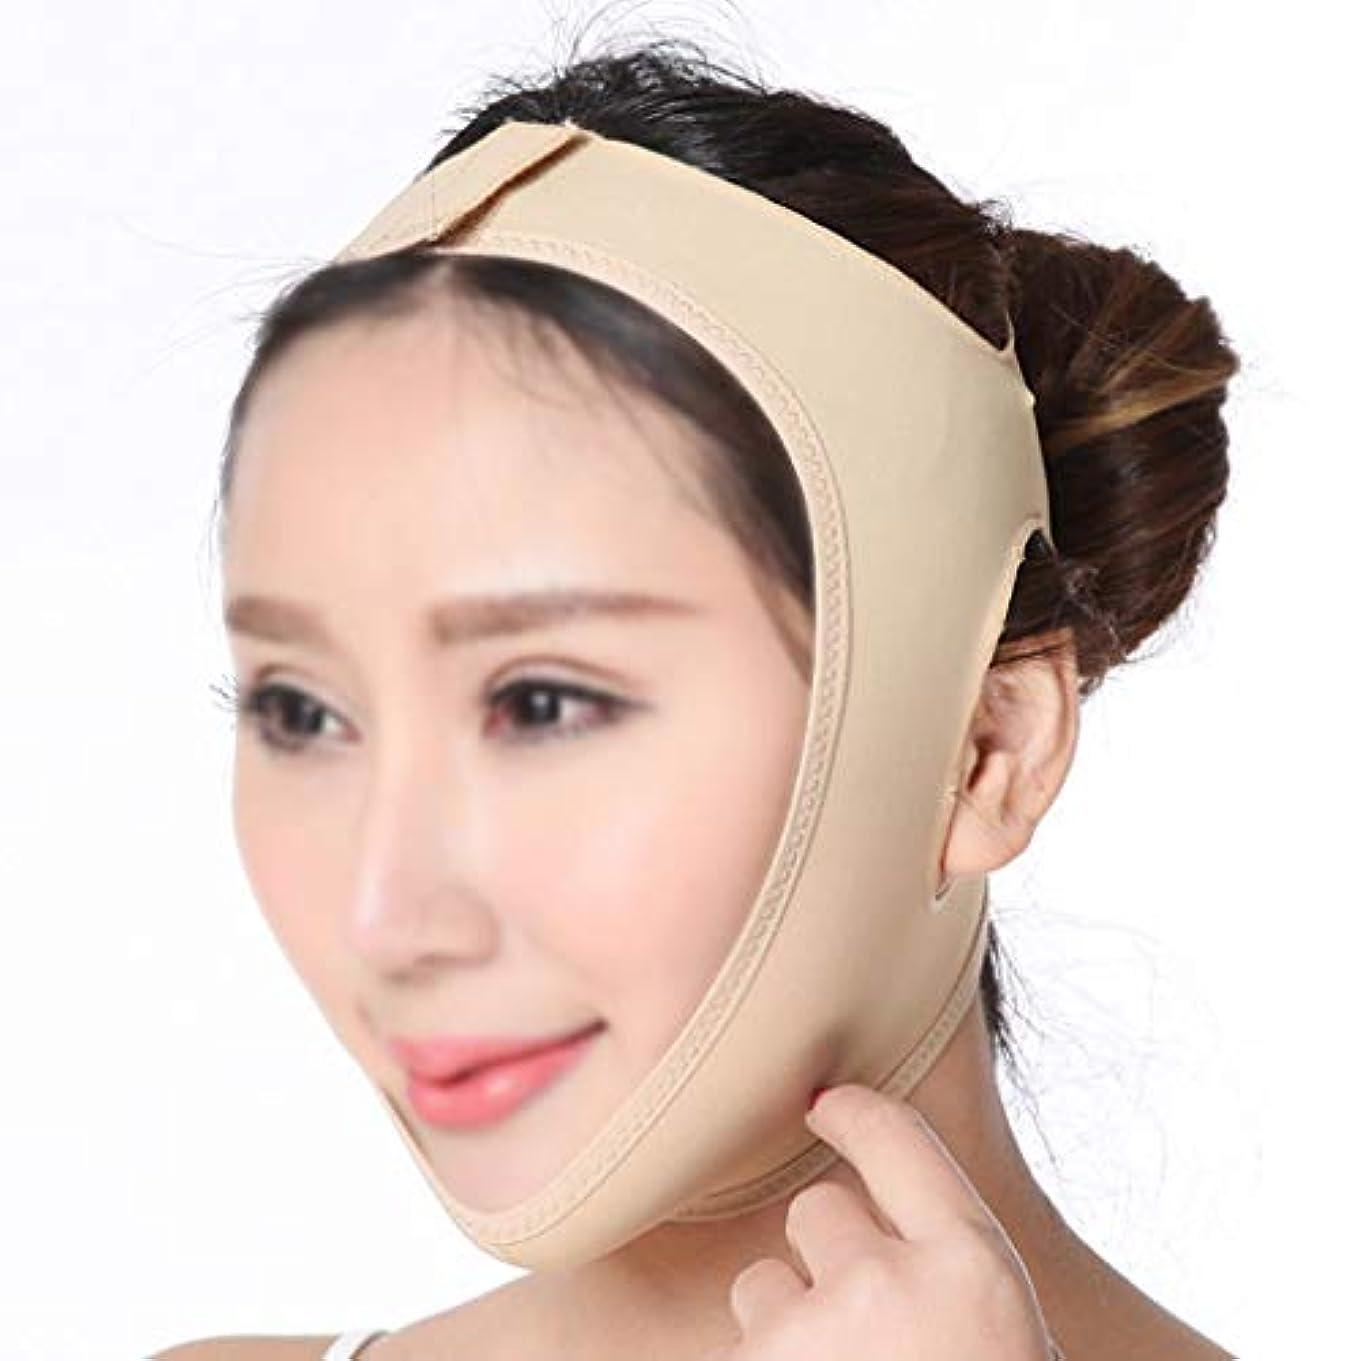 ロバ繊細オークTLMY 薄い顔のアーティファクトVマスク薄い顔の包帯/顔の引き締め痩身包帯通気性二重あご減量マスク 顔用整形マスク (Size : L)